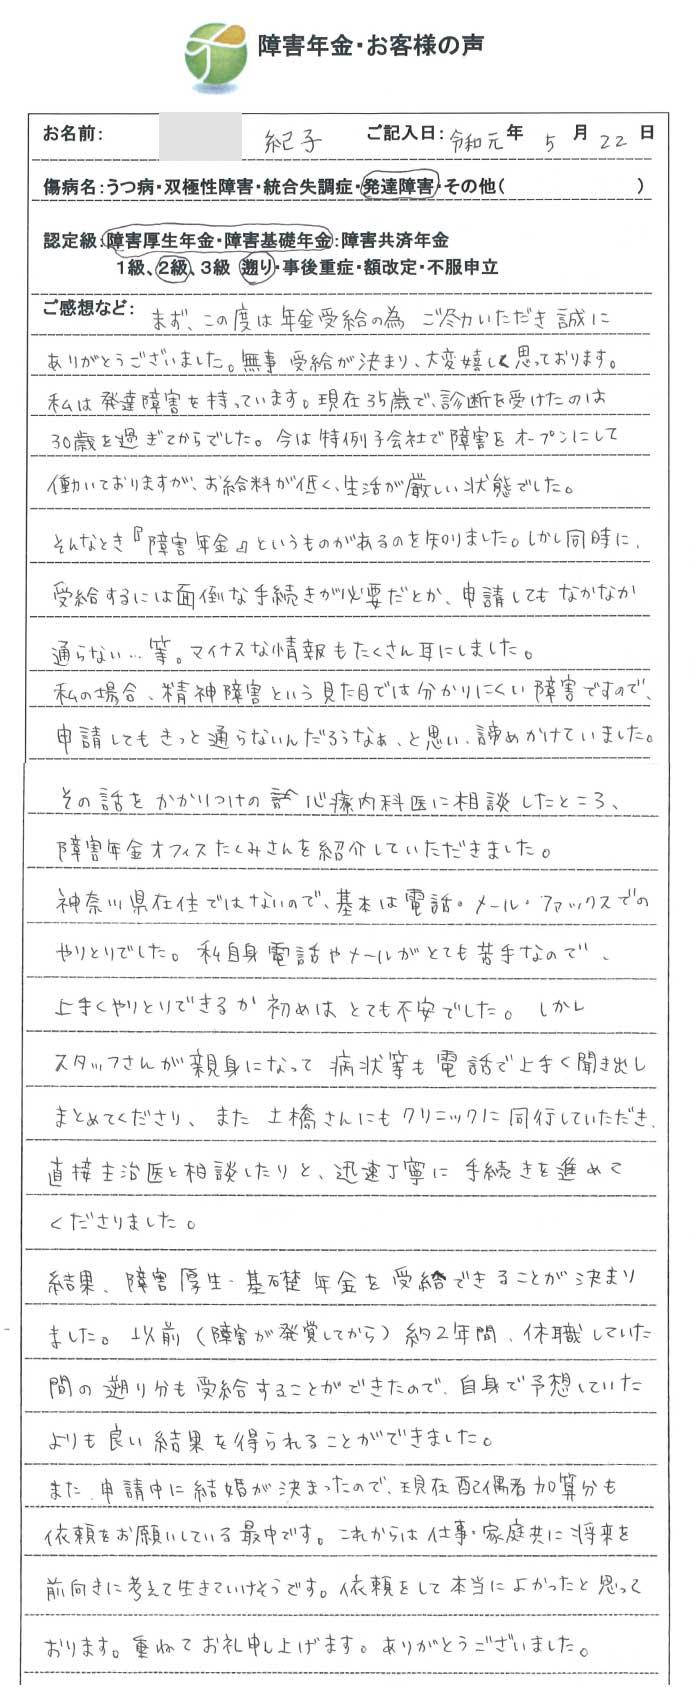 紀子様のご依頼から申請までの経過